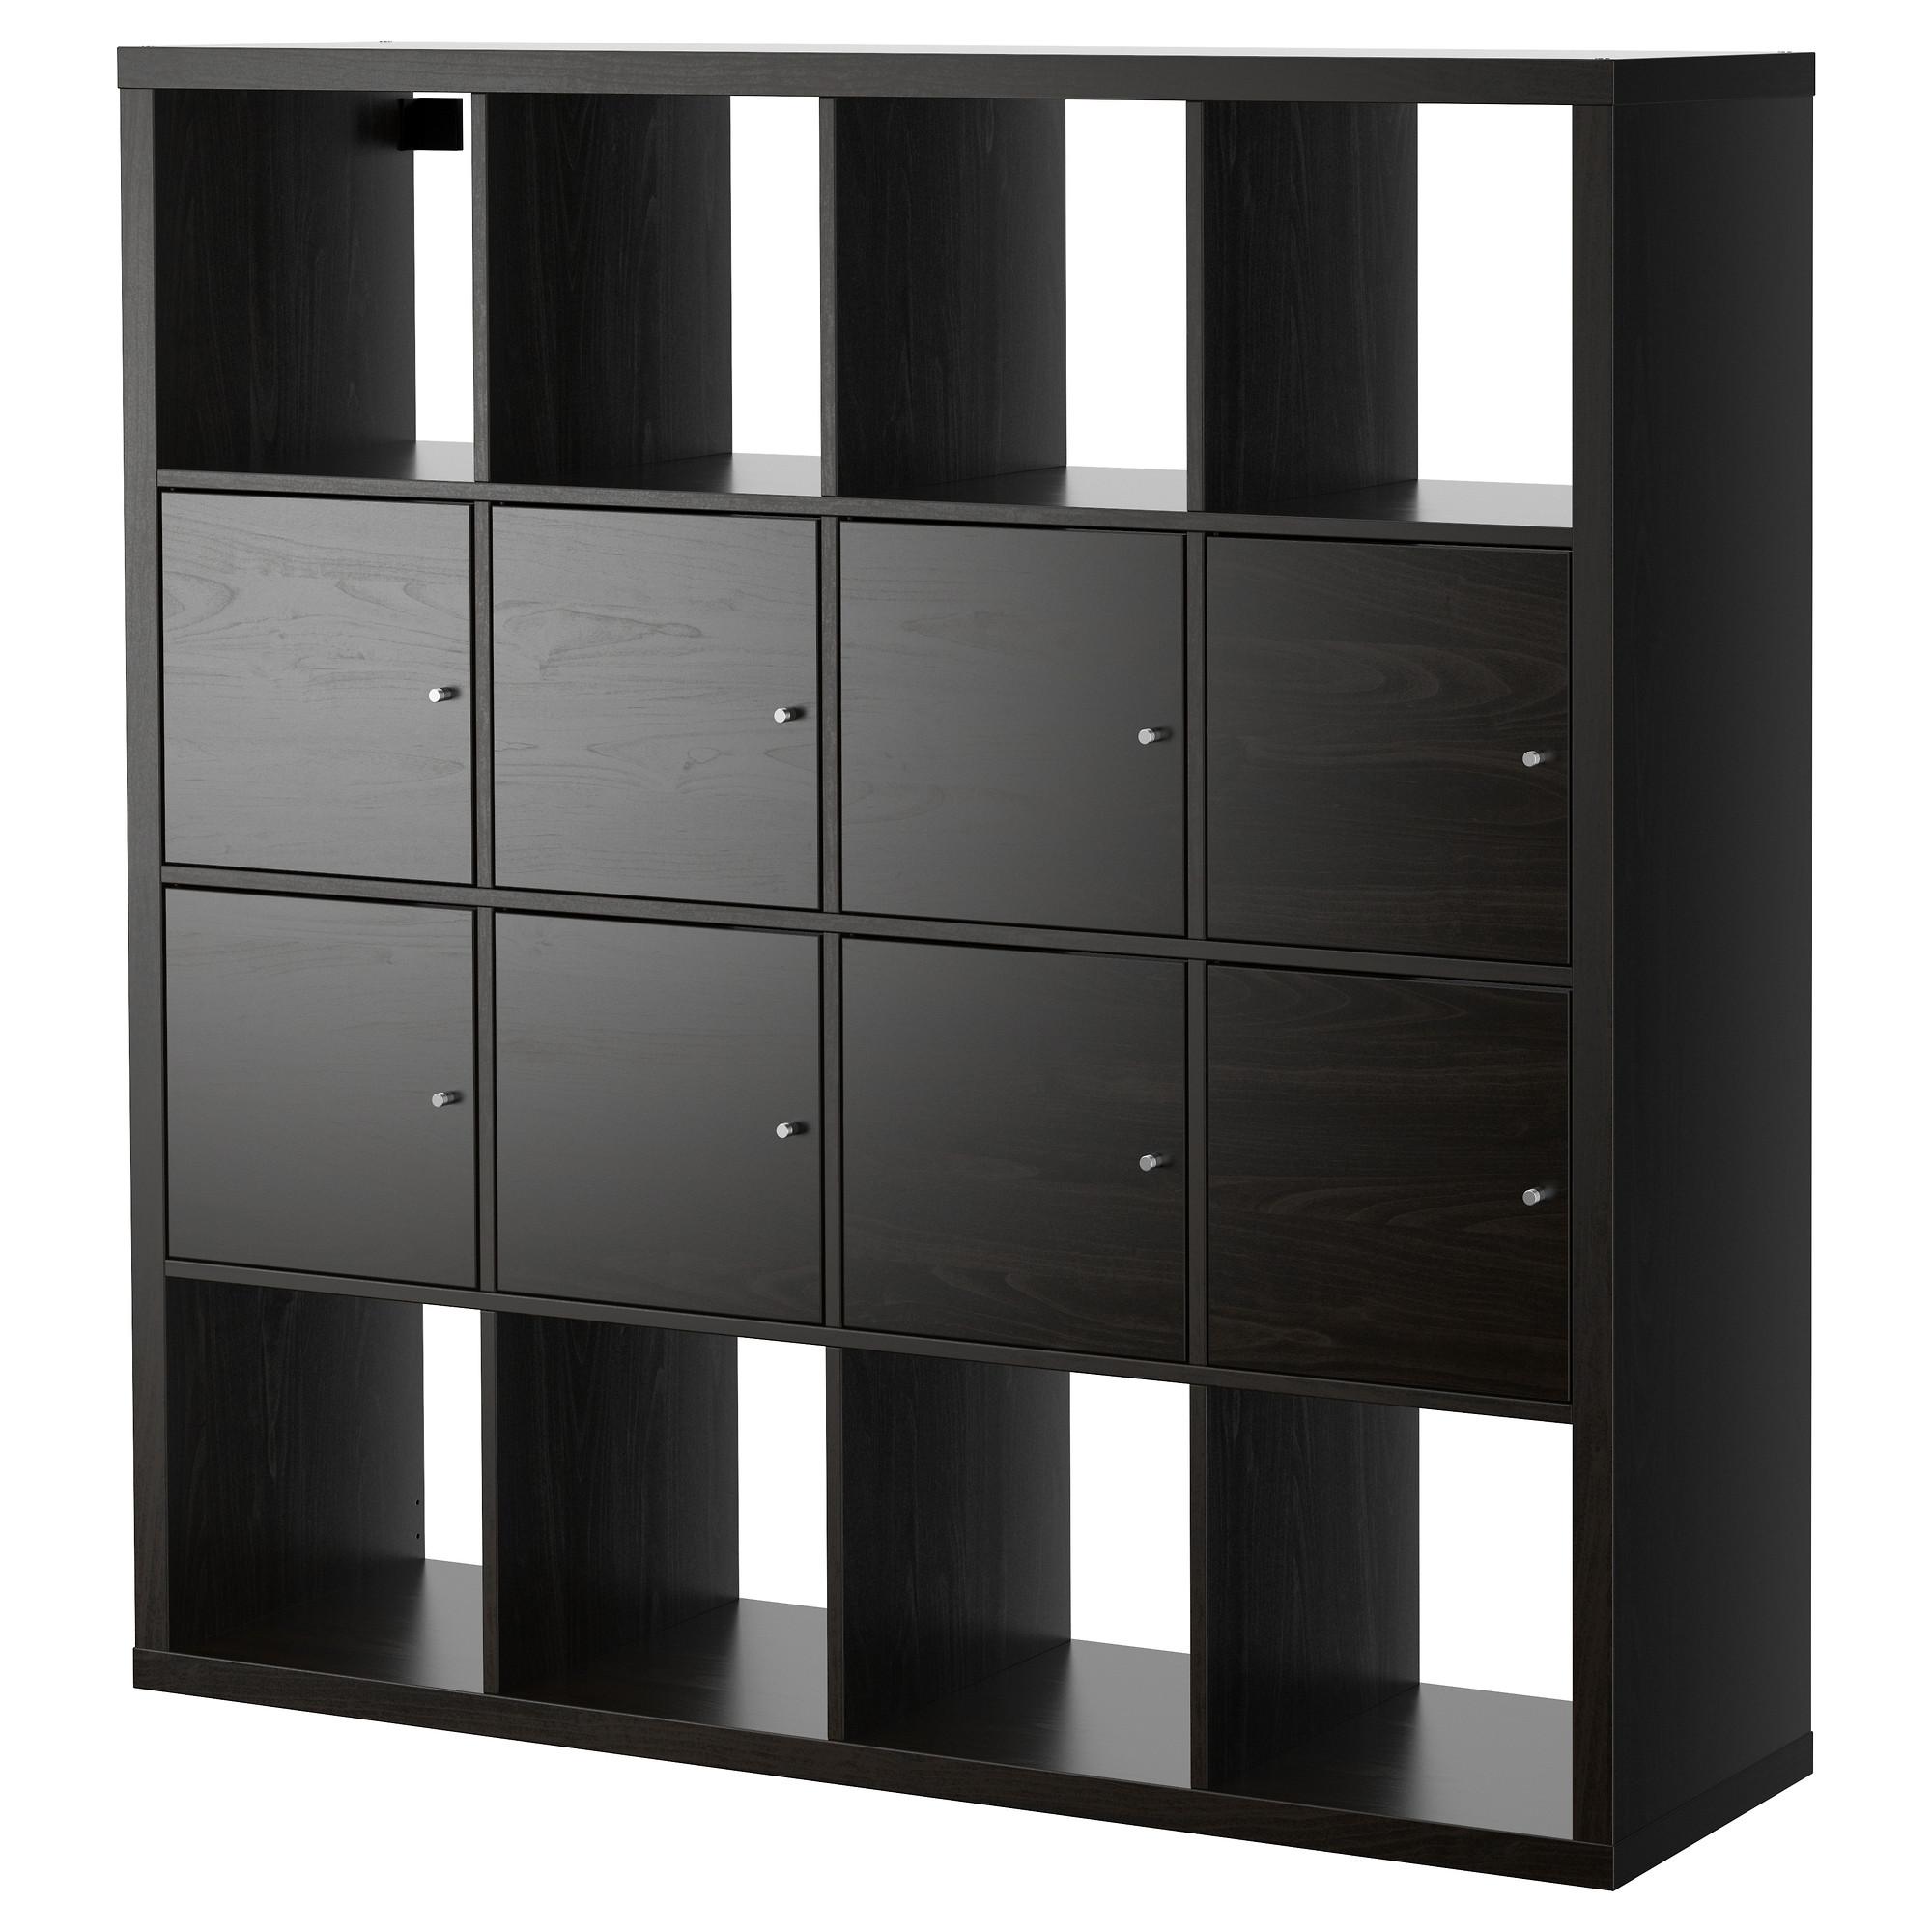 Los estantes de IKEA en el interior